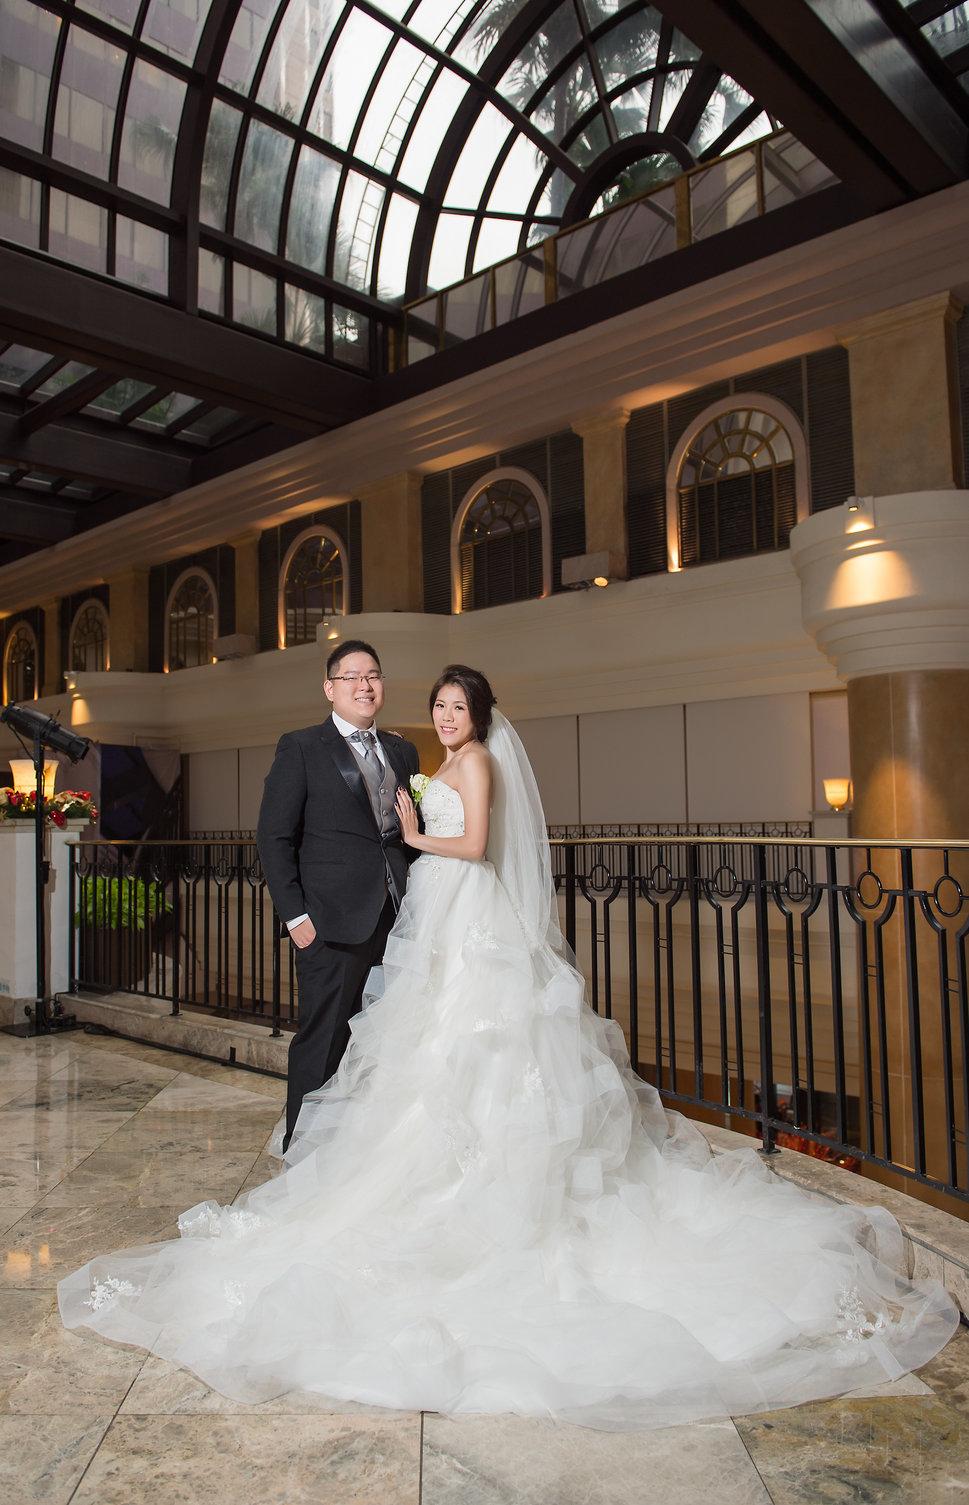 [台北婚攝] 文定婚禮紀錄 台北君悅酒店(編號:431981) - LoveStoryAllen IMAGE - 結婚吧一站式婚禮服務平台